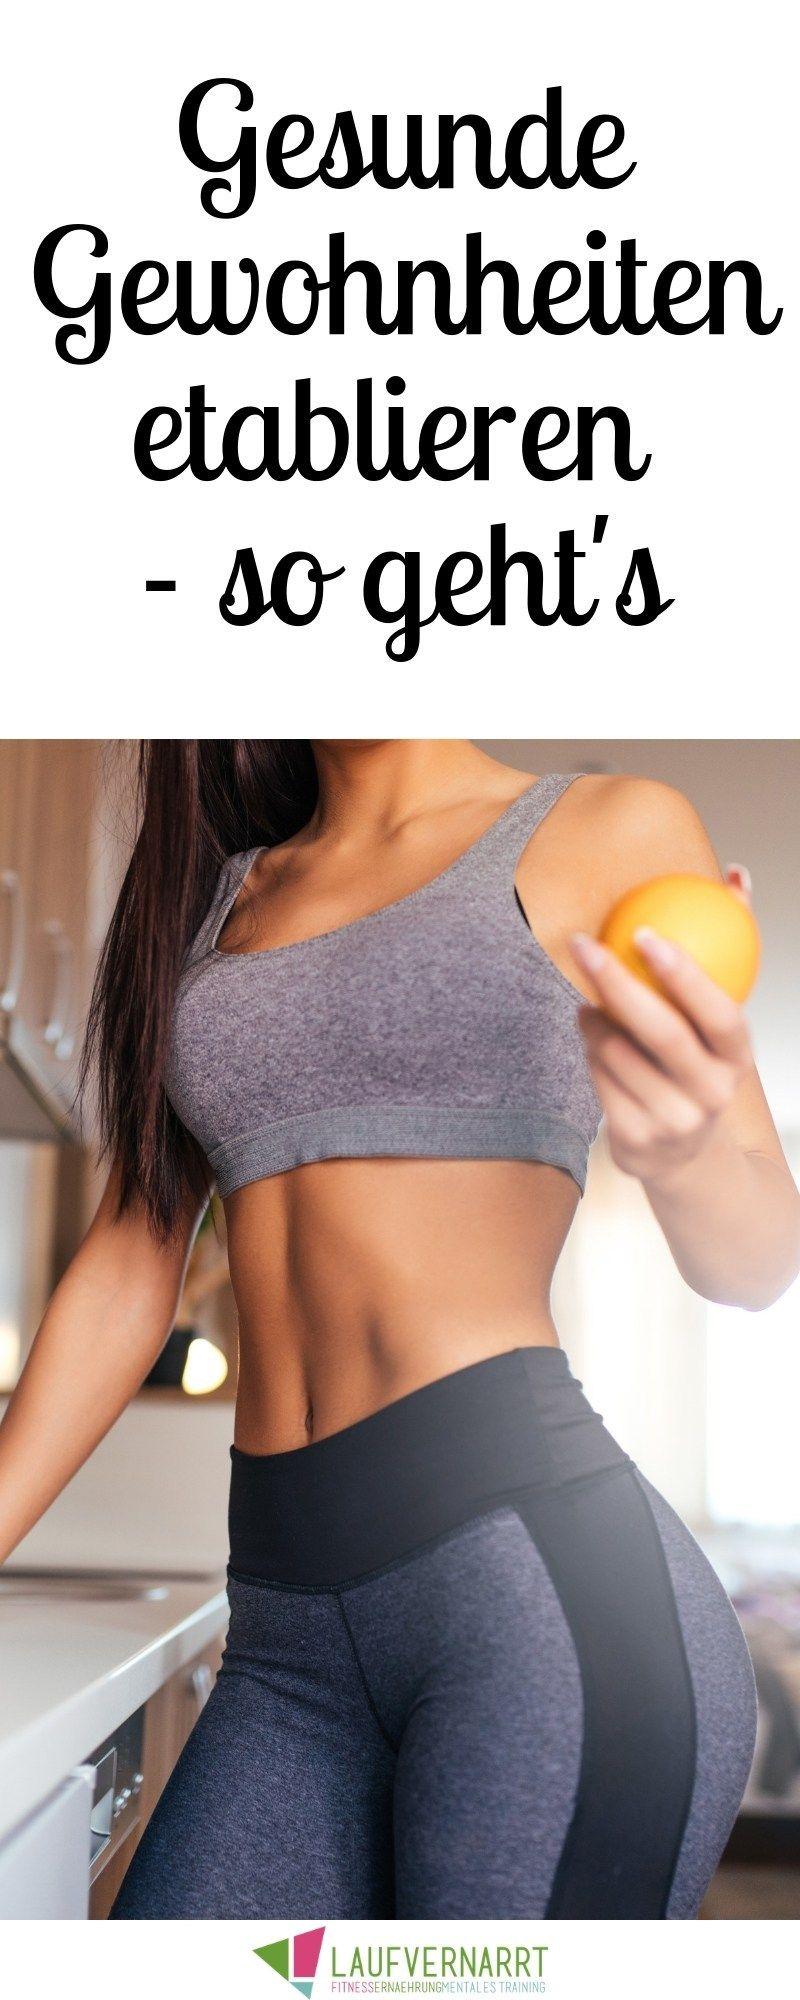 Gewohnheiten ändern – Erziehe deinen Körper – Laufvernarrt